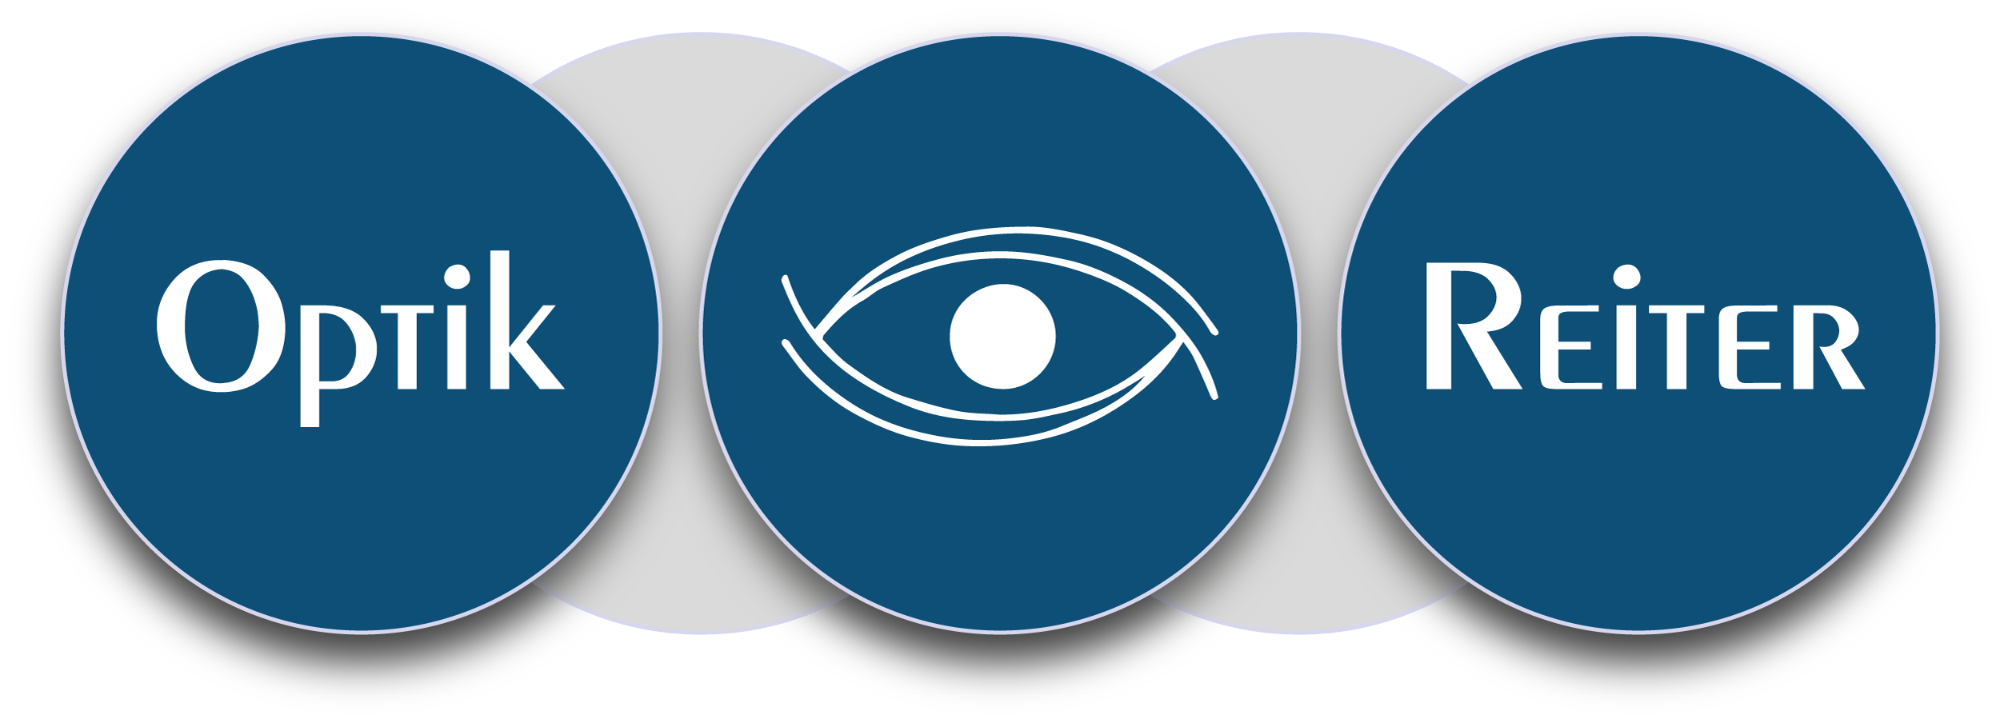 LogoFINAL-1_72dpi